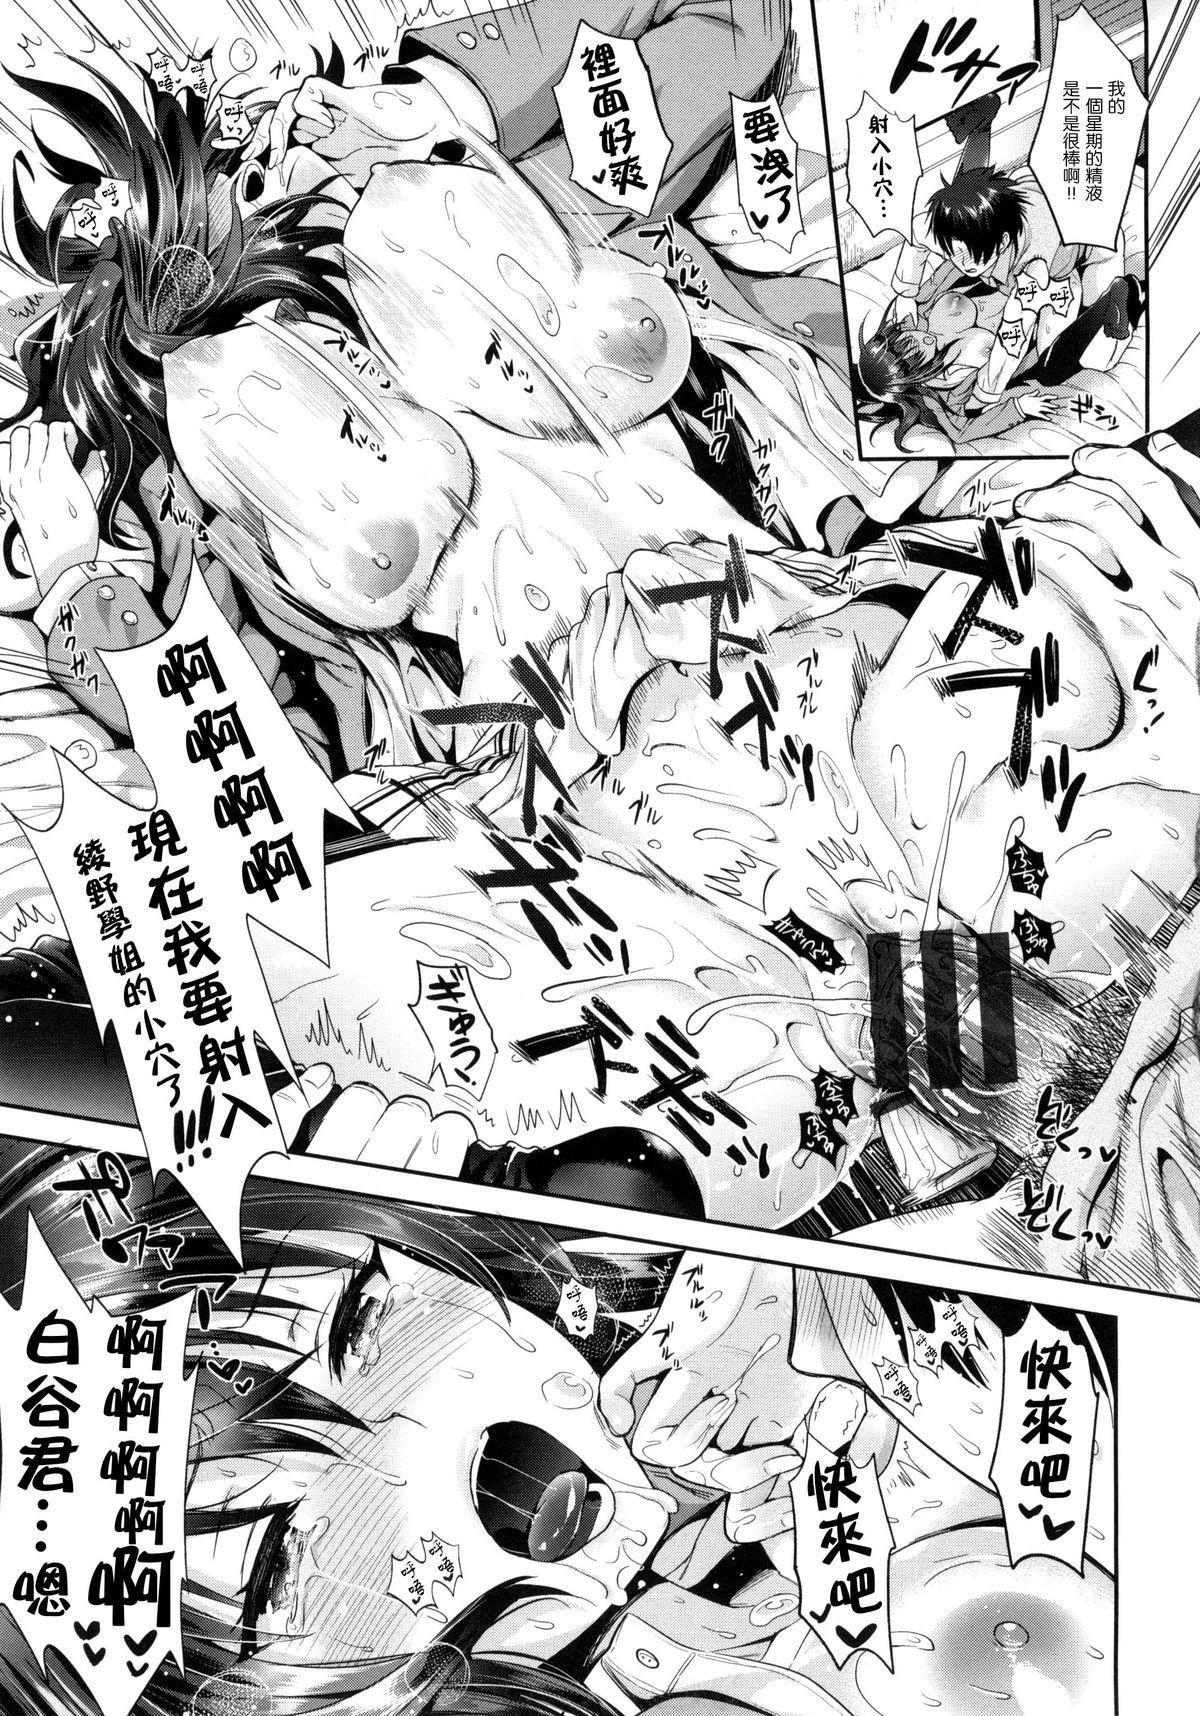 Seikousai - School Love Festival + Toranoana Gentei 8P Shousasshi 216